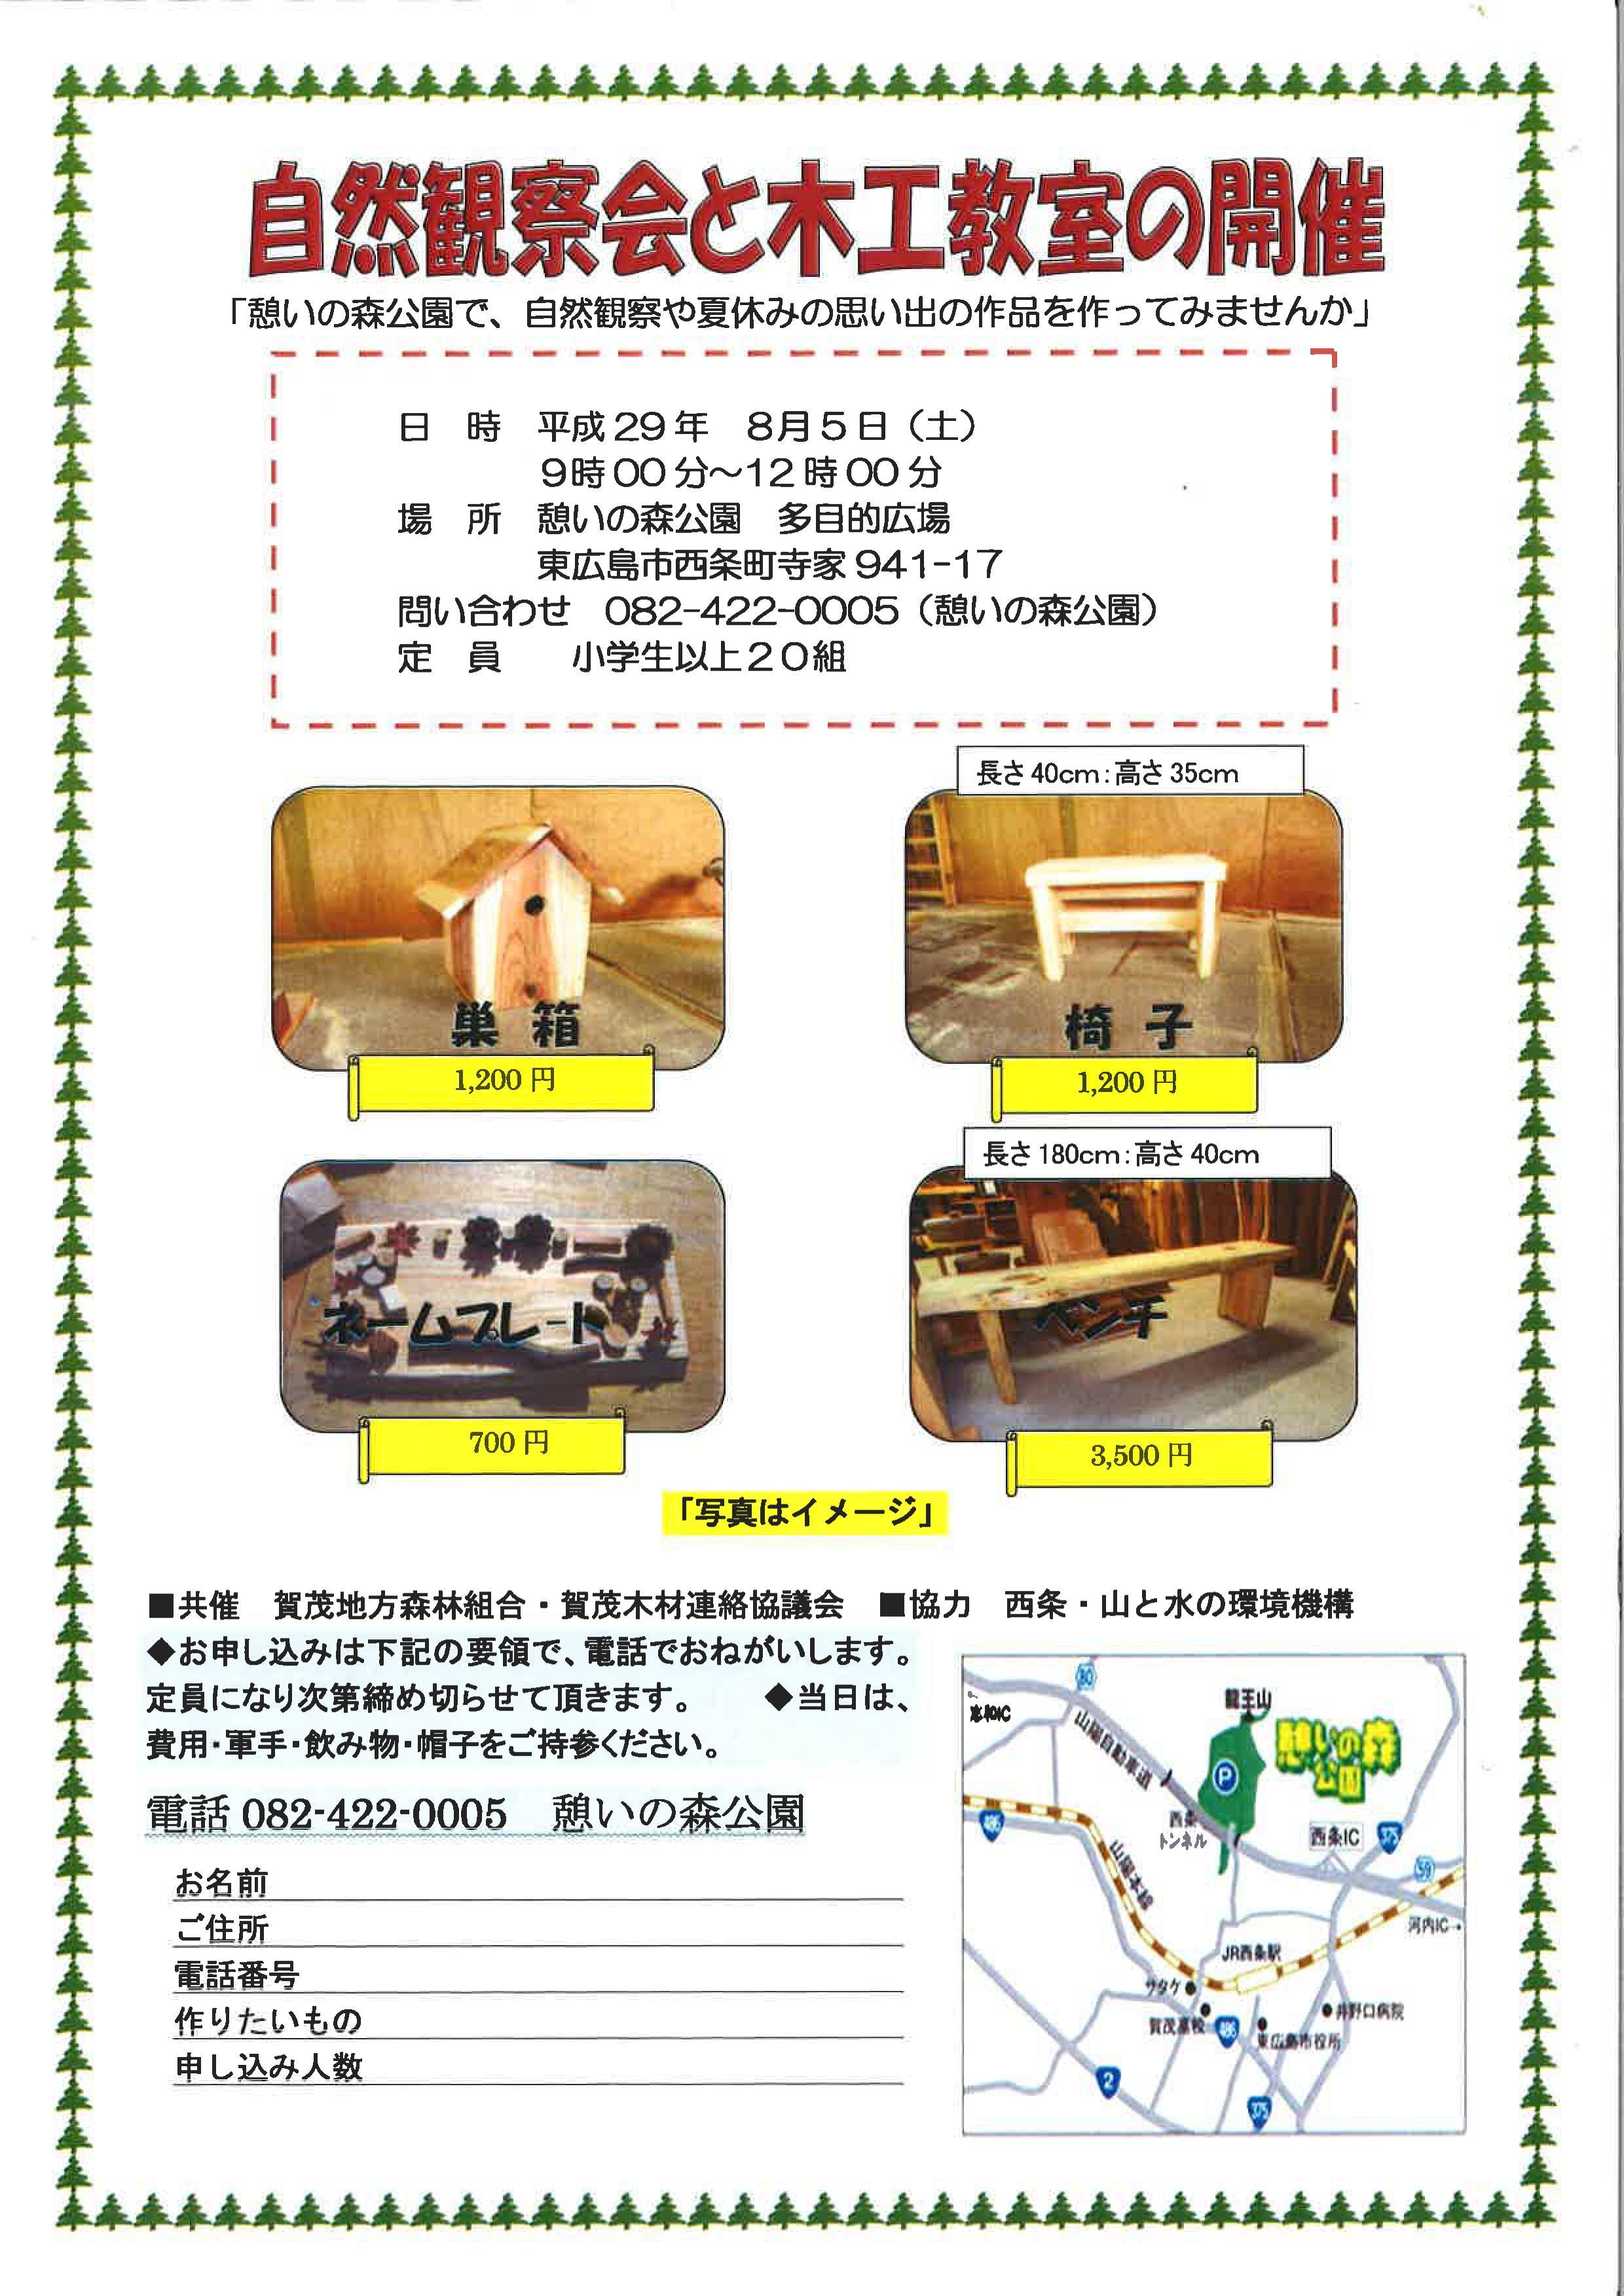 17木工教室